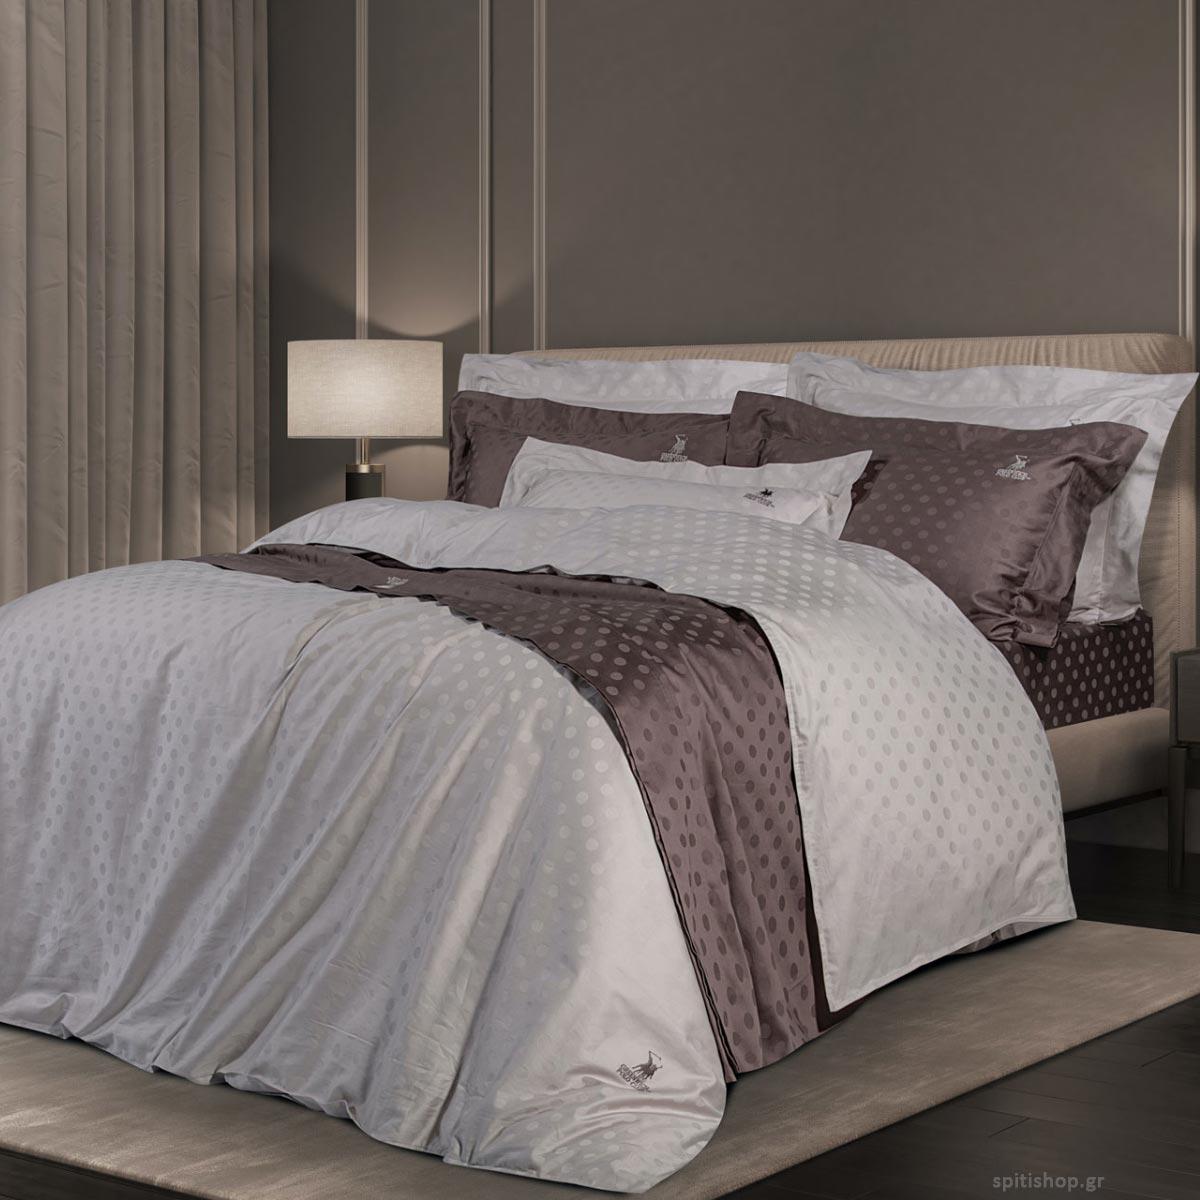 Σεντόνια Υπέρδιπλα (Σετ) Polo Club Bedroom 2095